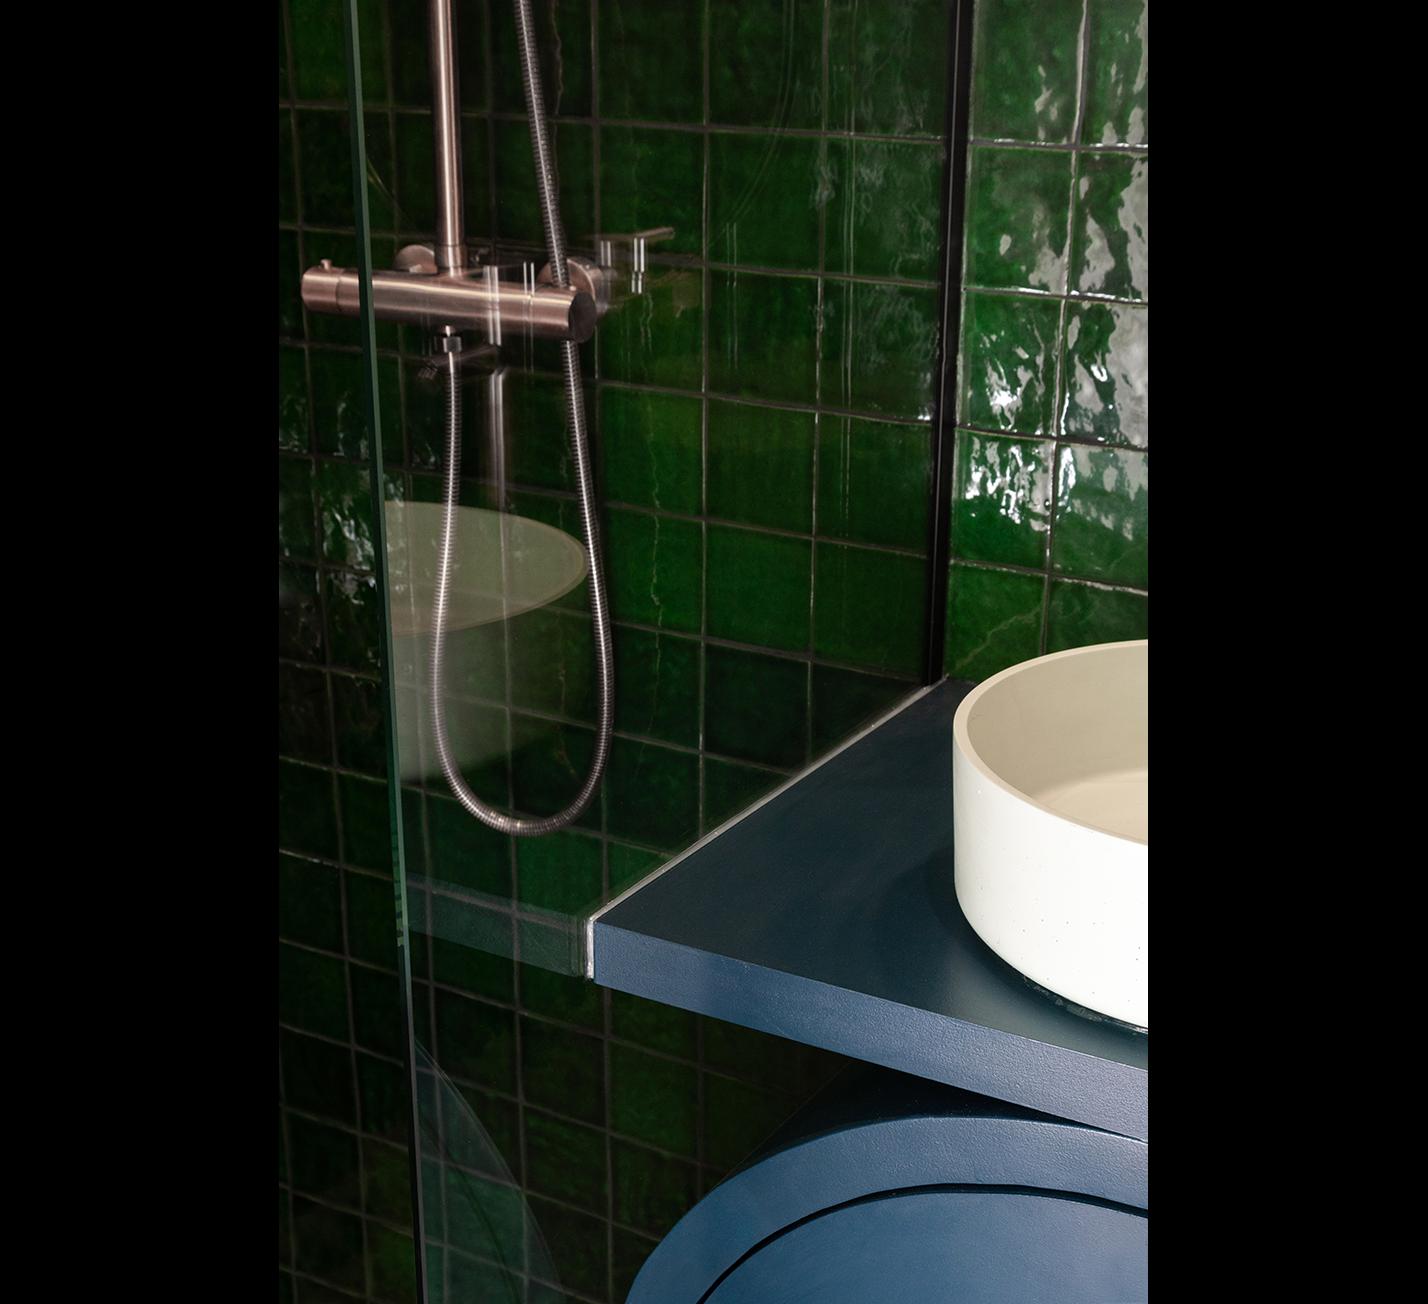 Projet-Gobelins-Atelier-Steve-Pauline-Borgia-Architecte-interieur-21